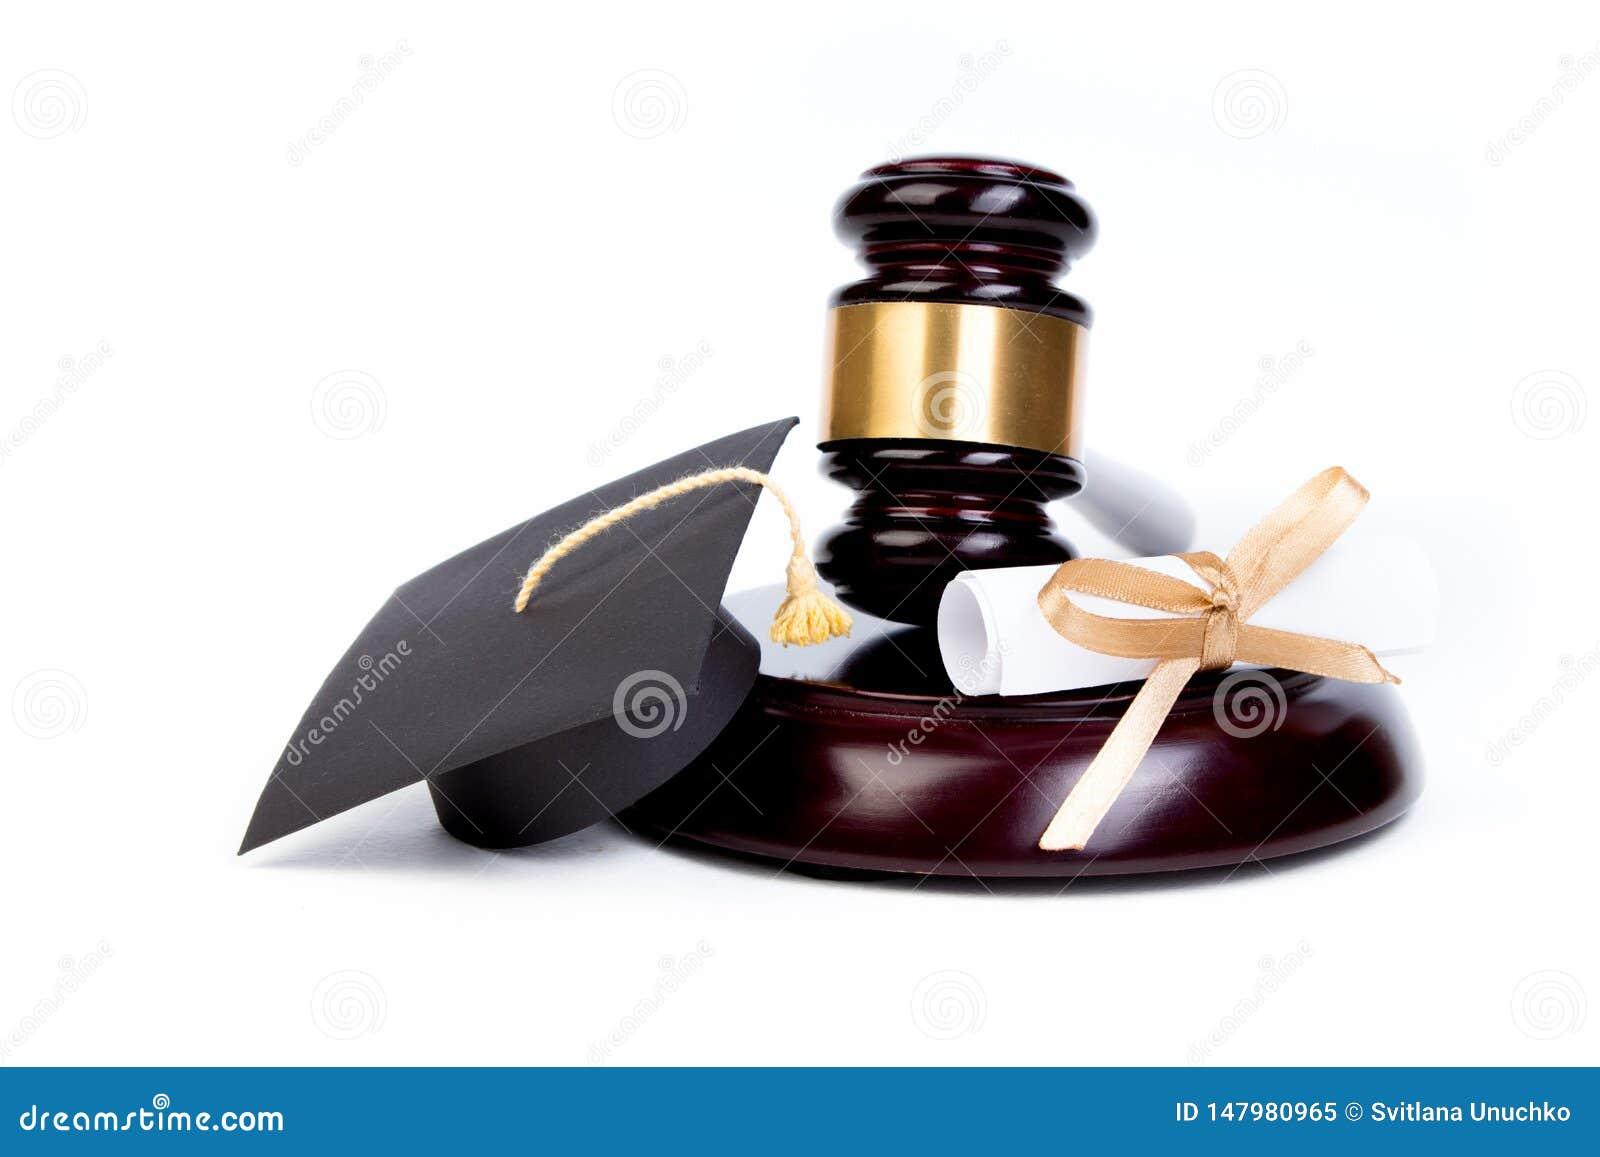 Skalowanie kapelusz z dyplomem, sędziego młoteczek na białym tle